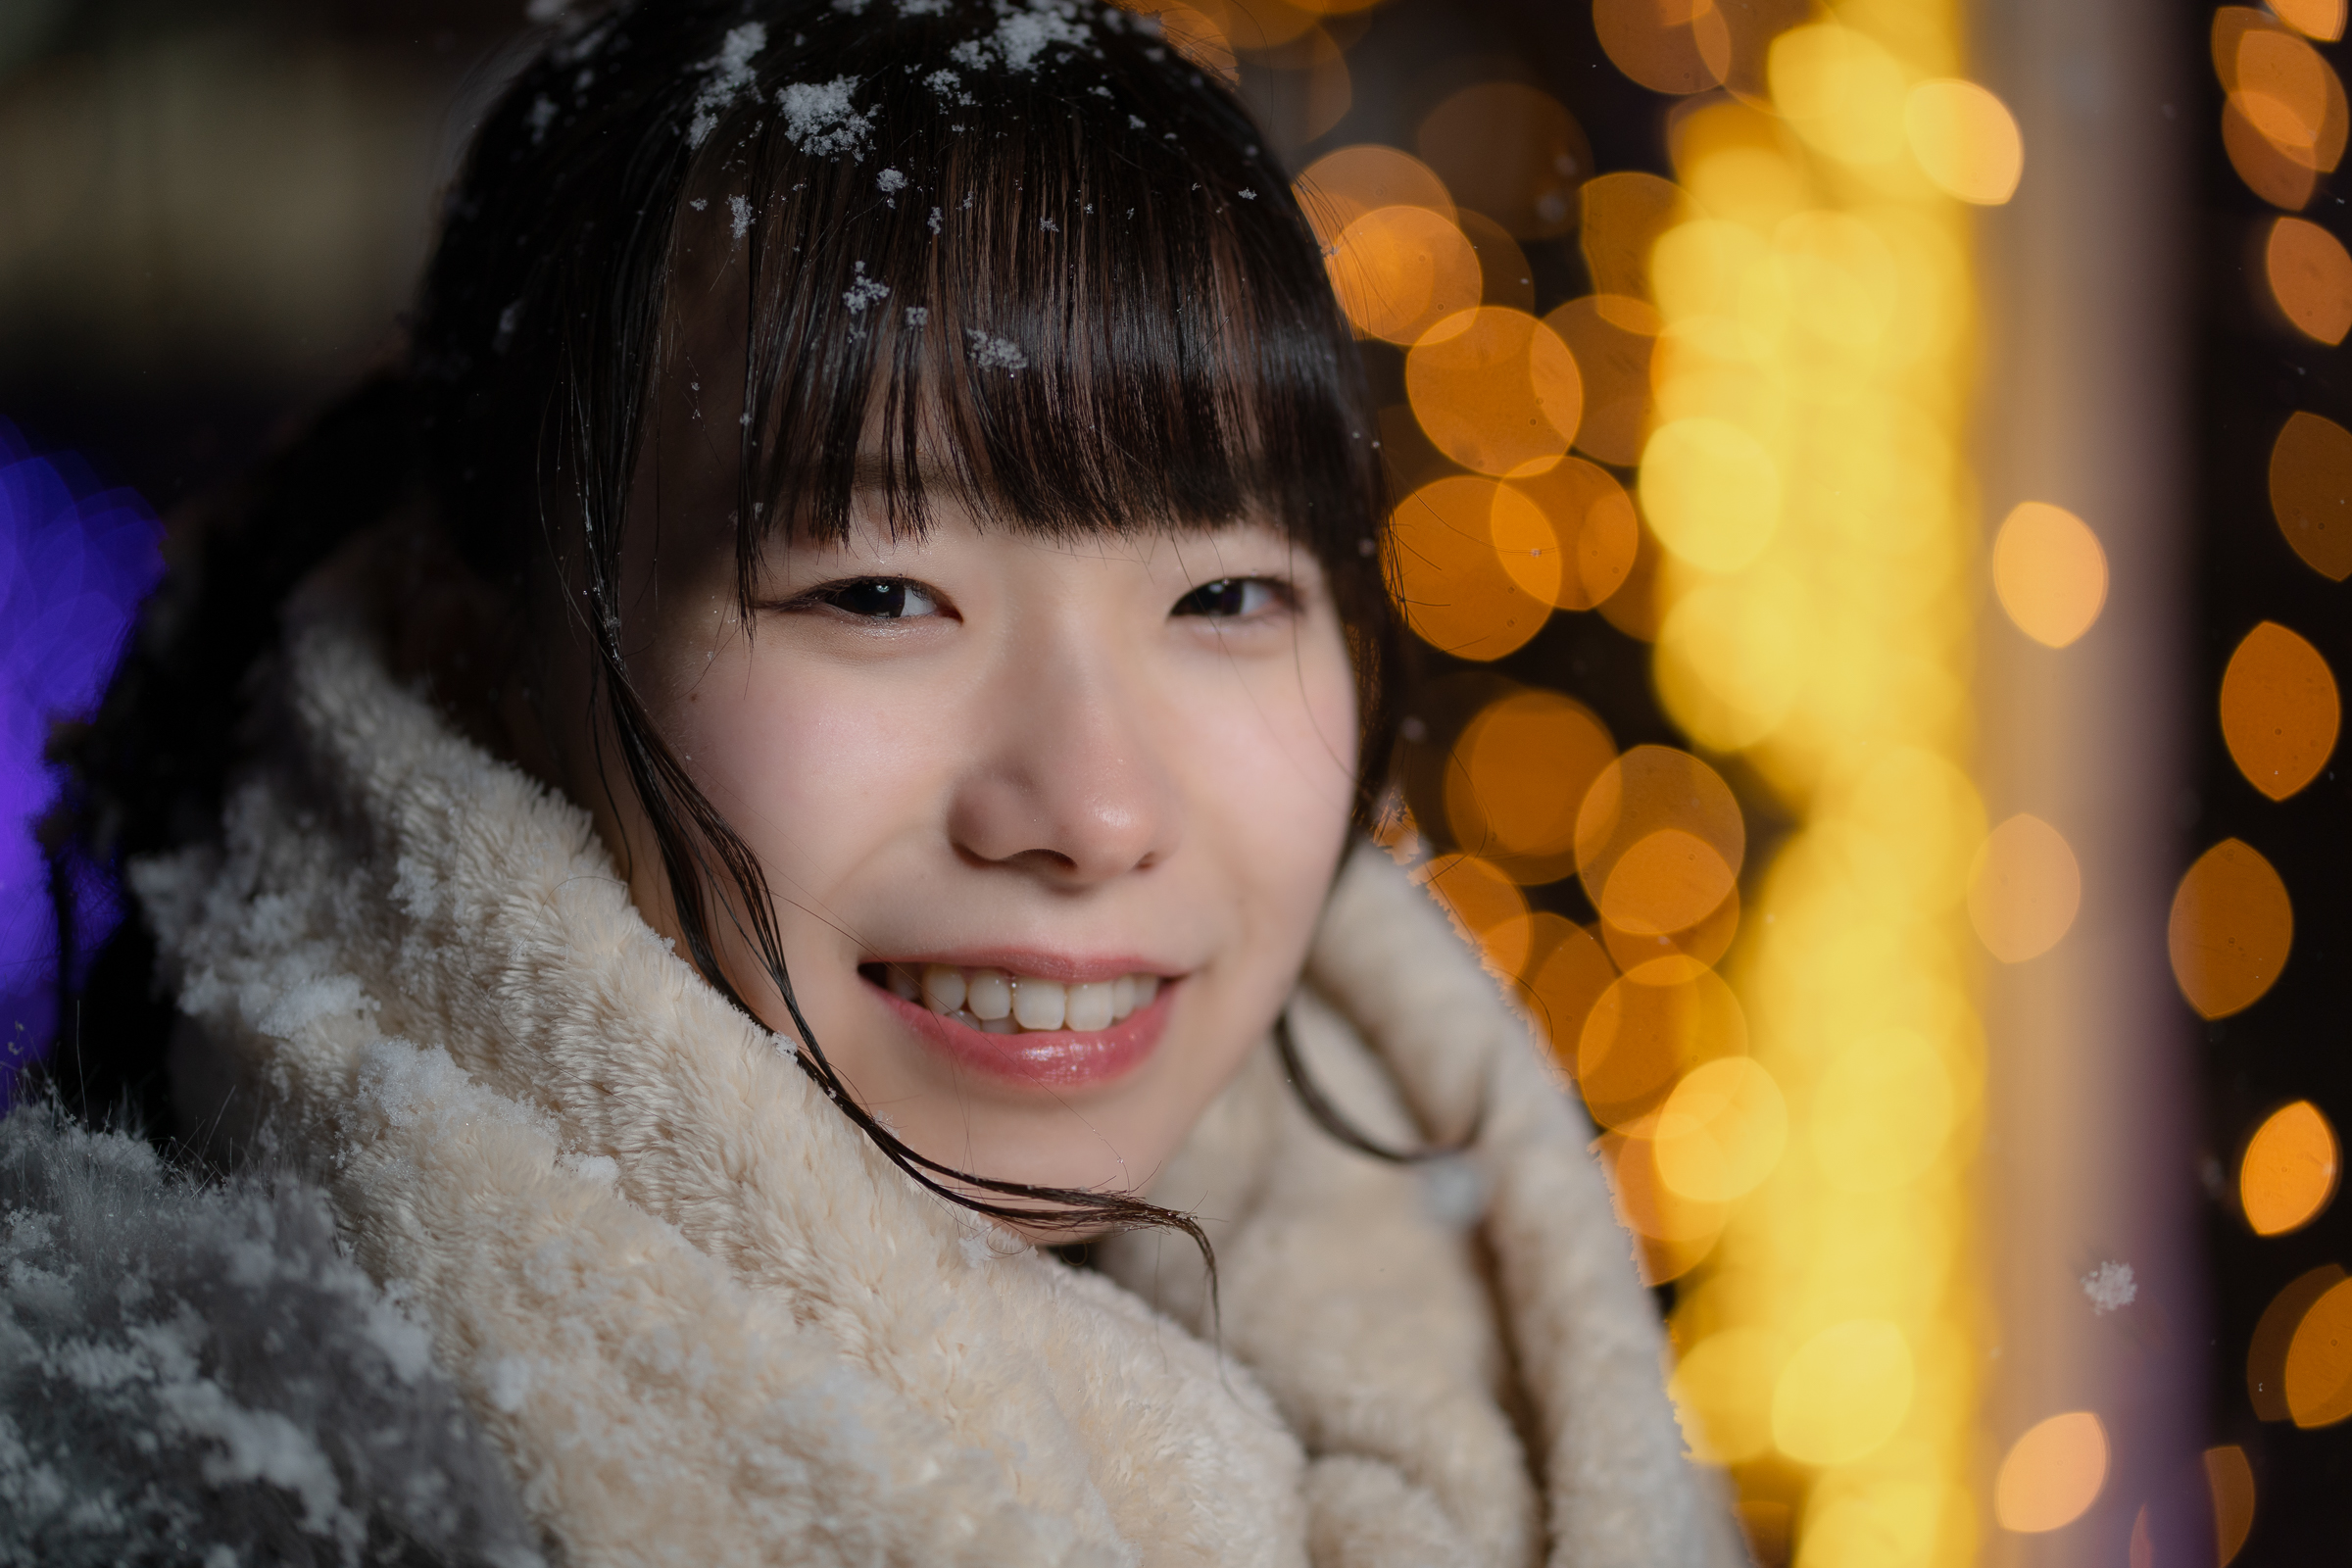 3代目HAPPY少女♪ やよたん ( 藤本やよい ) | モデルプロ撮影会 in 事務所 & イルミネーション